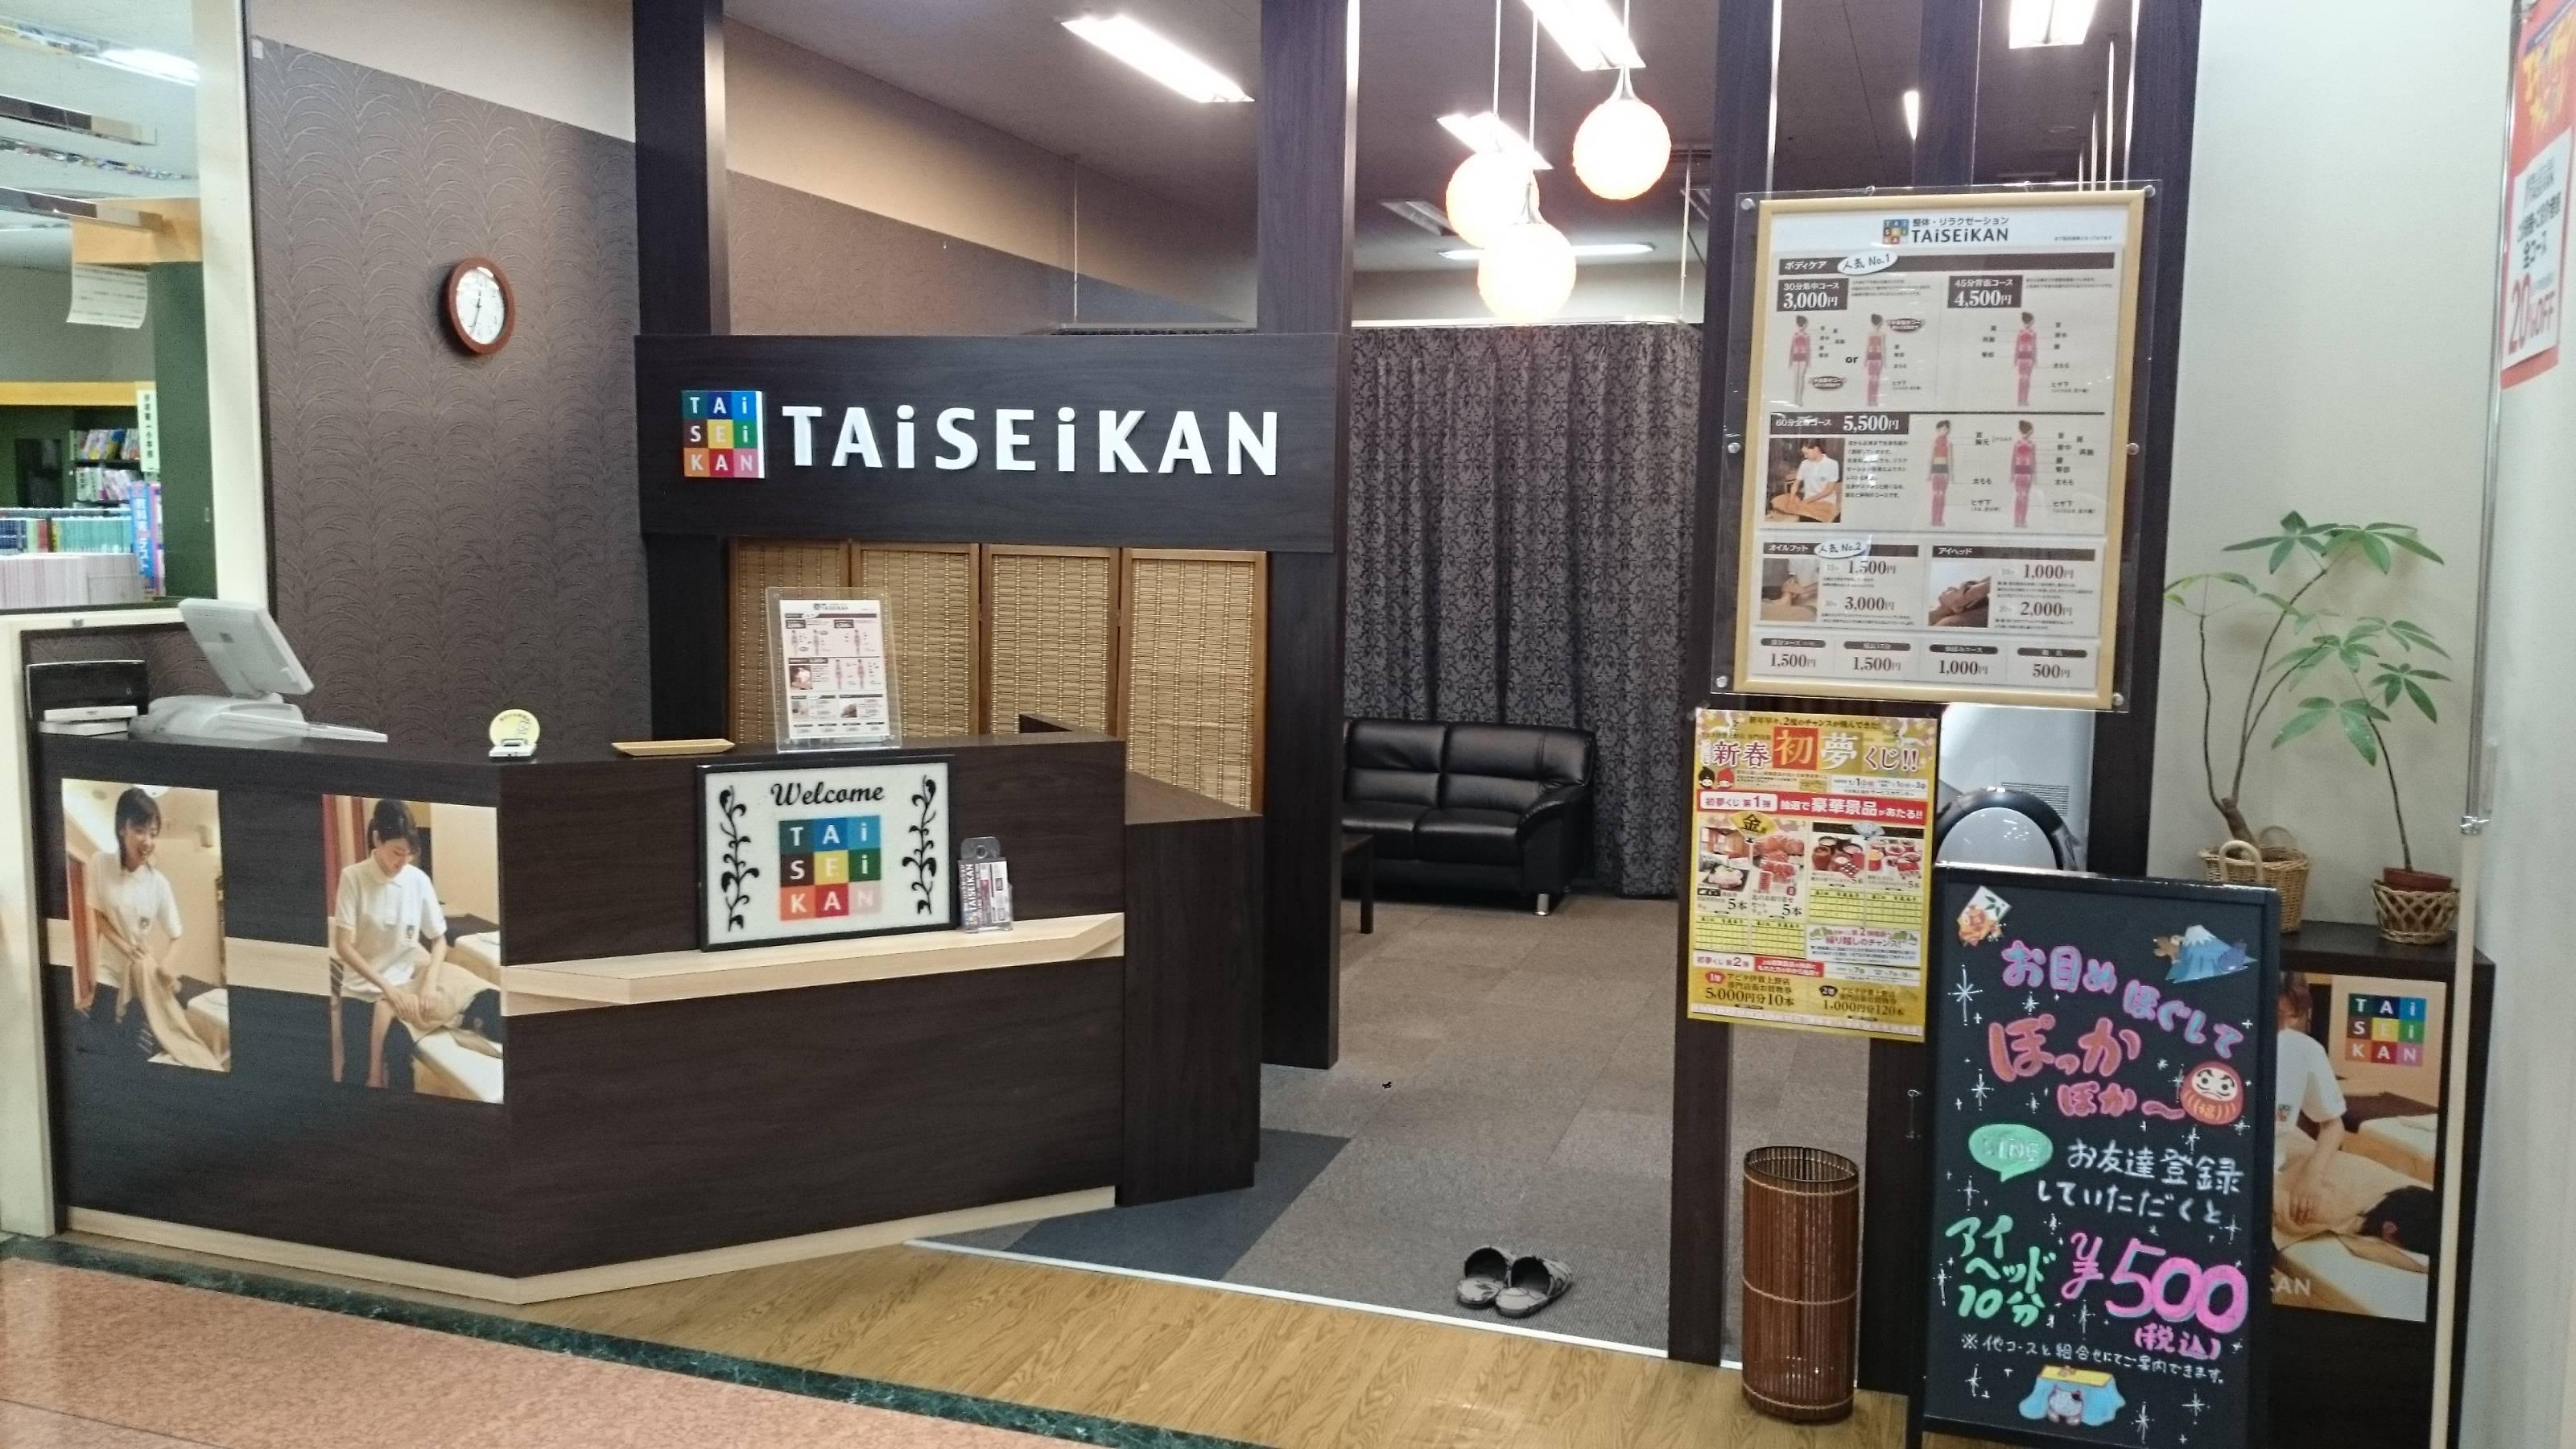 TAiSEiKANアピタ伊賀上野店